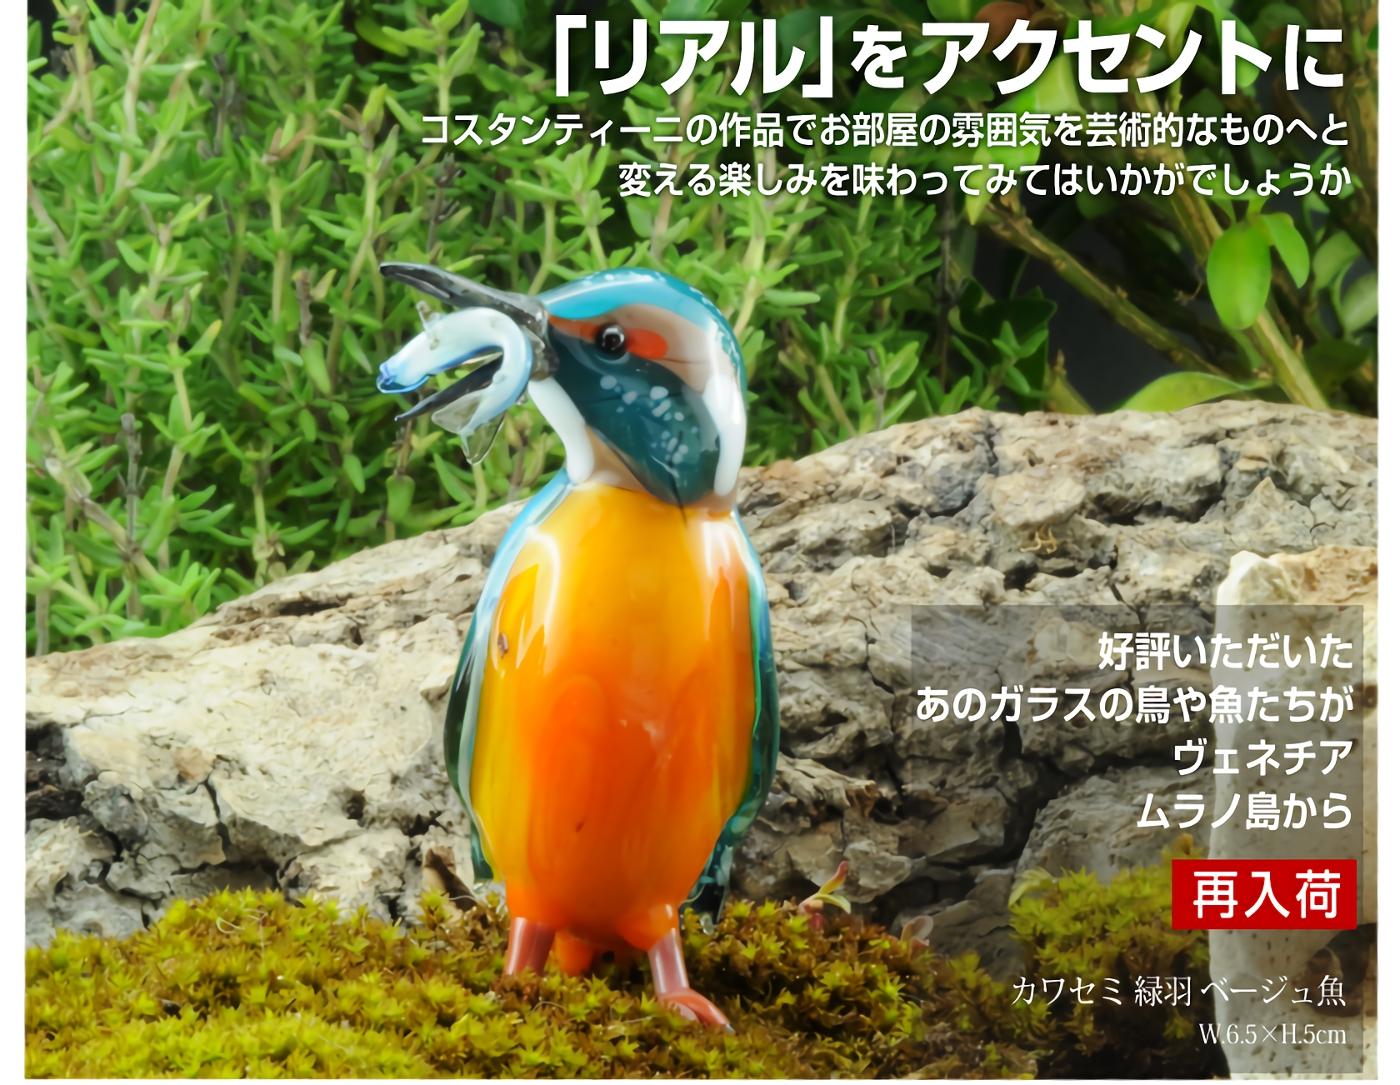 カワセミ 覧� ベージュ魚